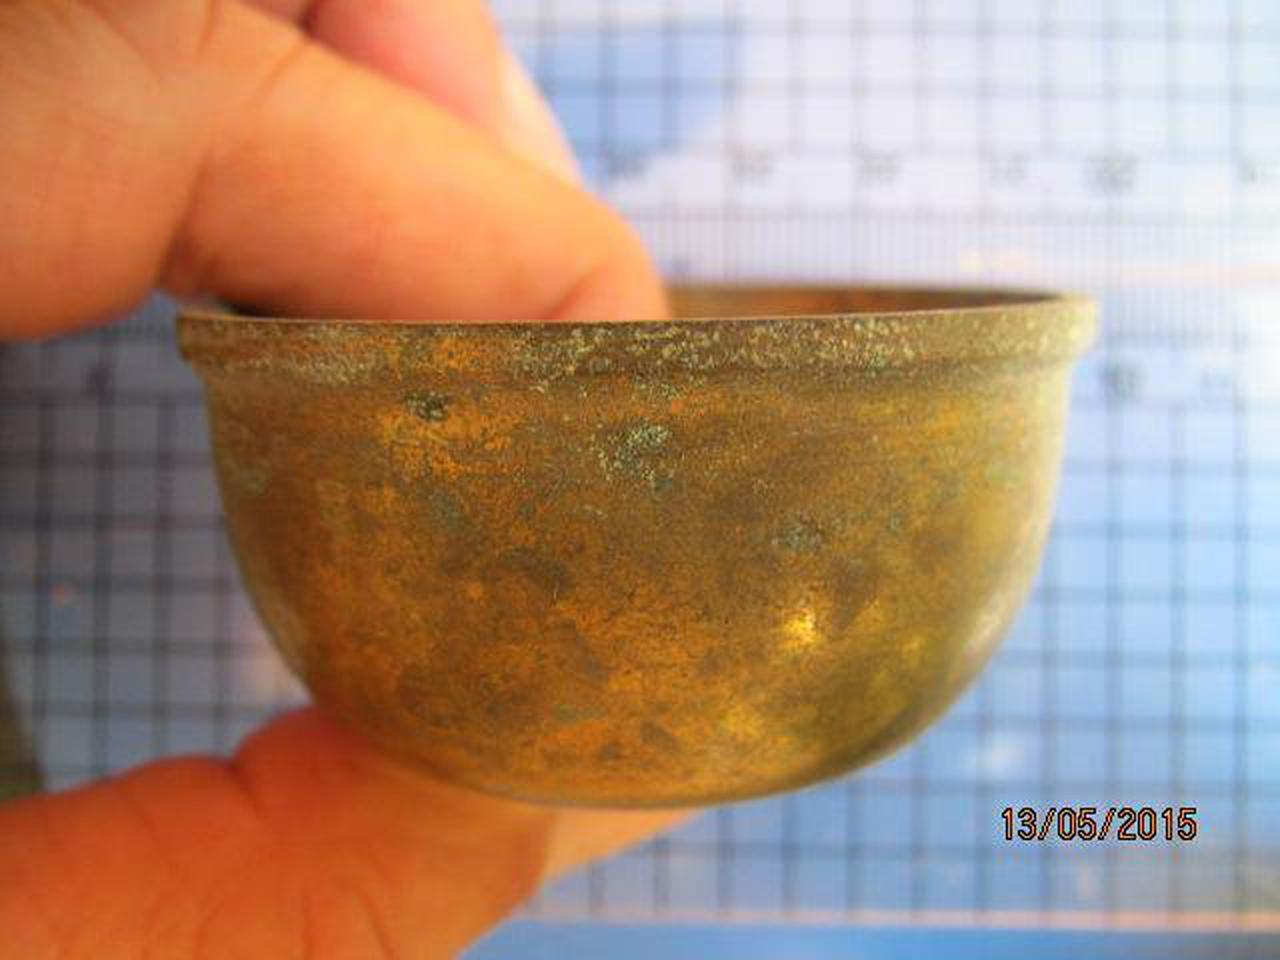 1982 ถ้วยทองเหลือง ความกว้างขนาด 2 นิ้ว สูง 1 นิ้ว ถ้วยทองเห รูปที่ 2